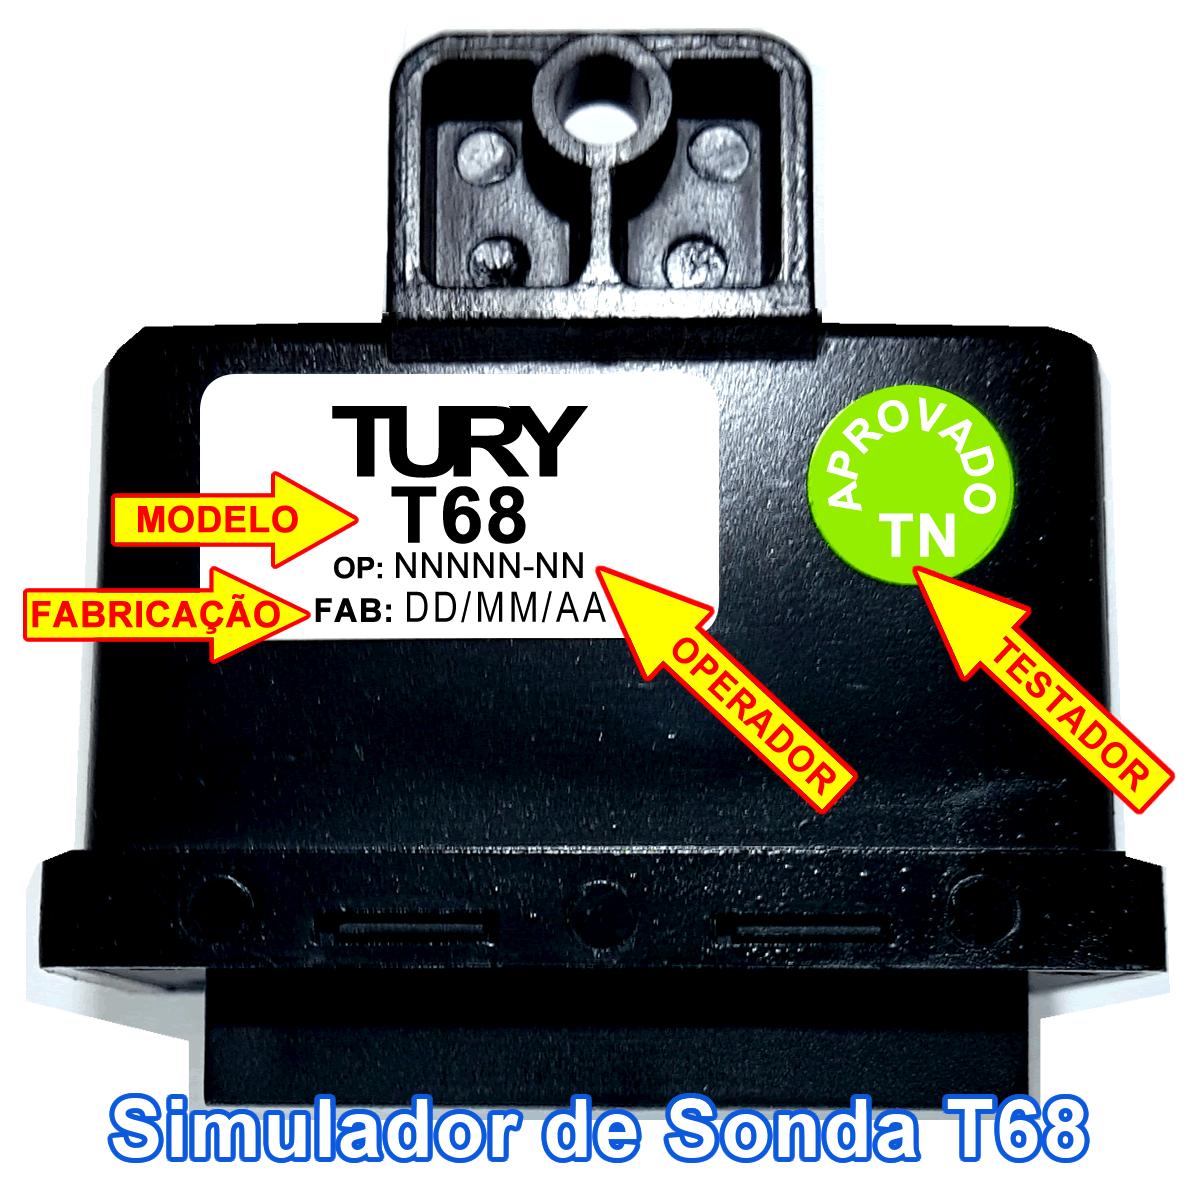 Eletrônicos GNV Flex 3ª Geração T1200, T68, T54A e Variador todos TURY GAS